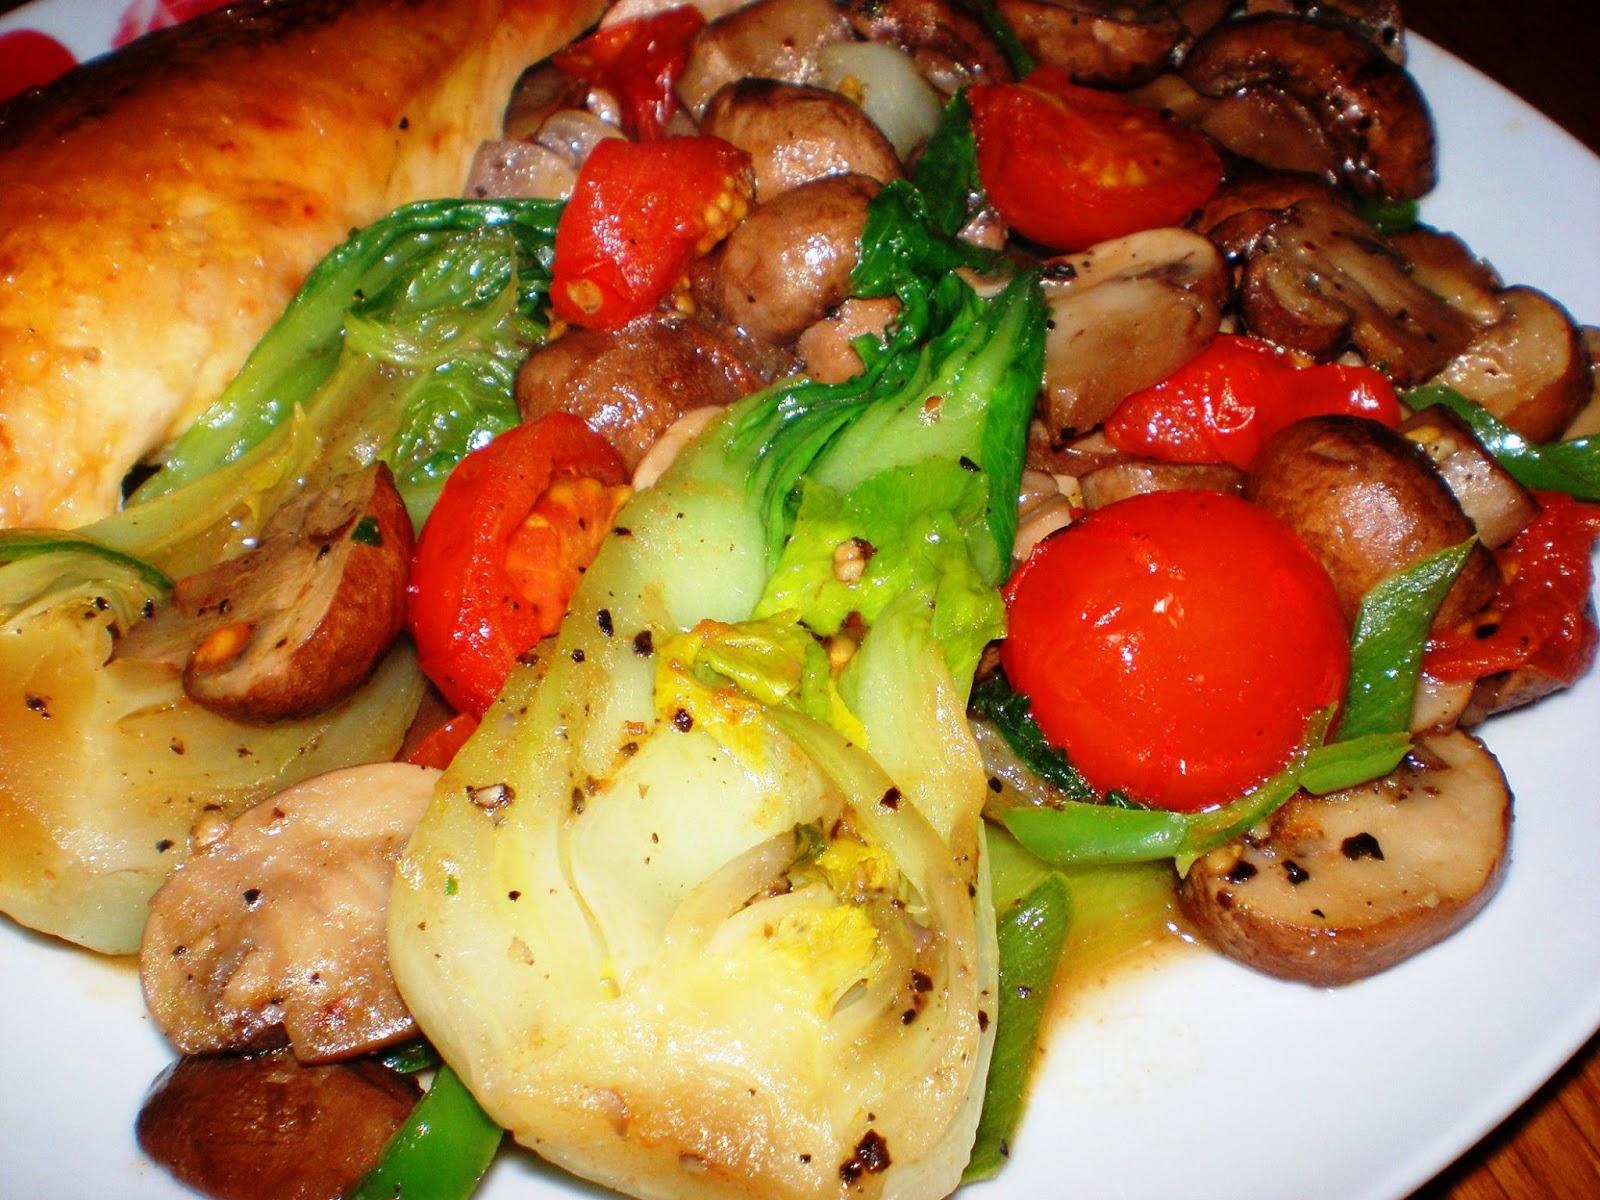 Piept de pui, ciupercuțe cu Pak Choi, roșii cherry și ardei